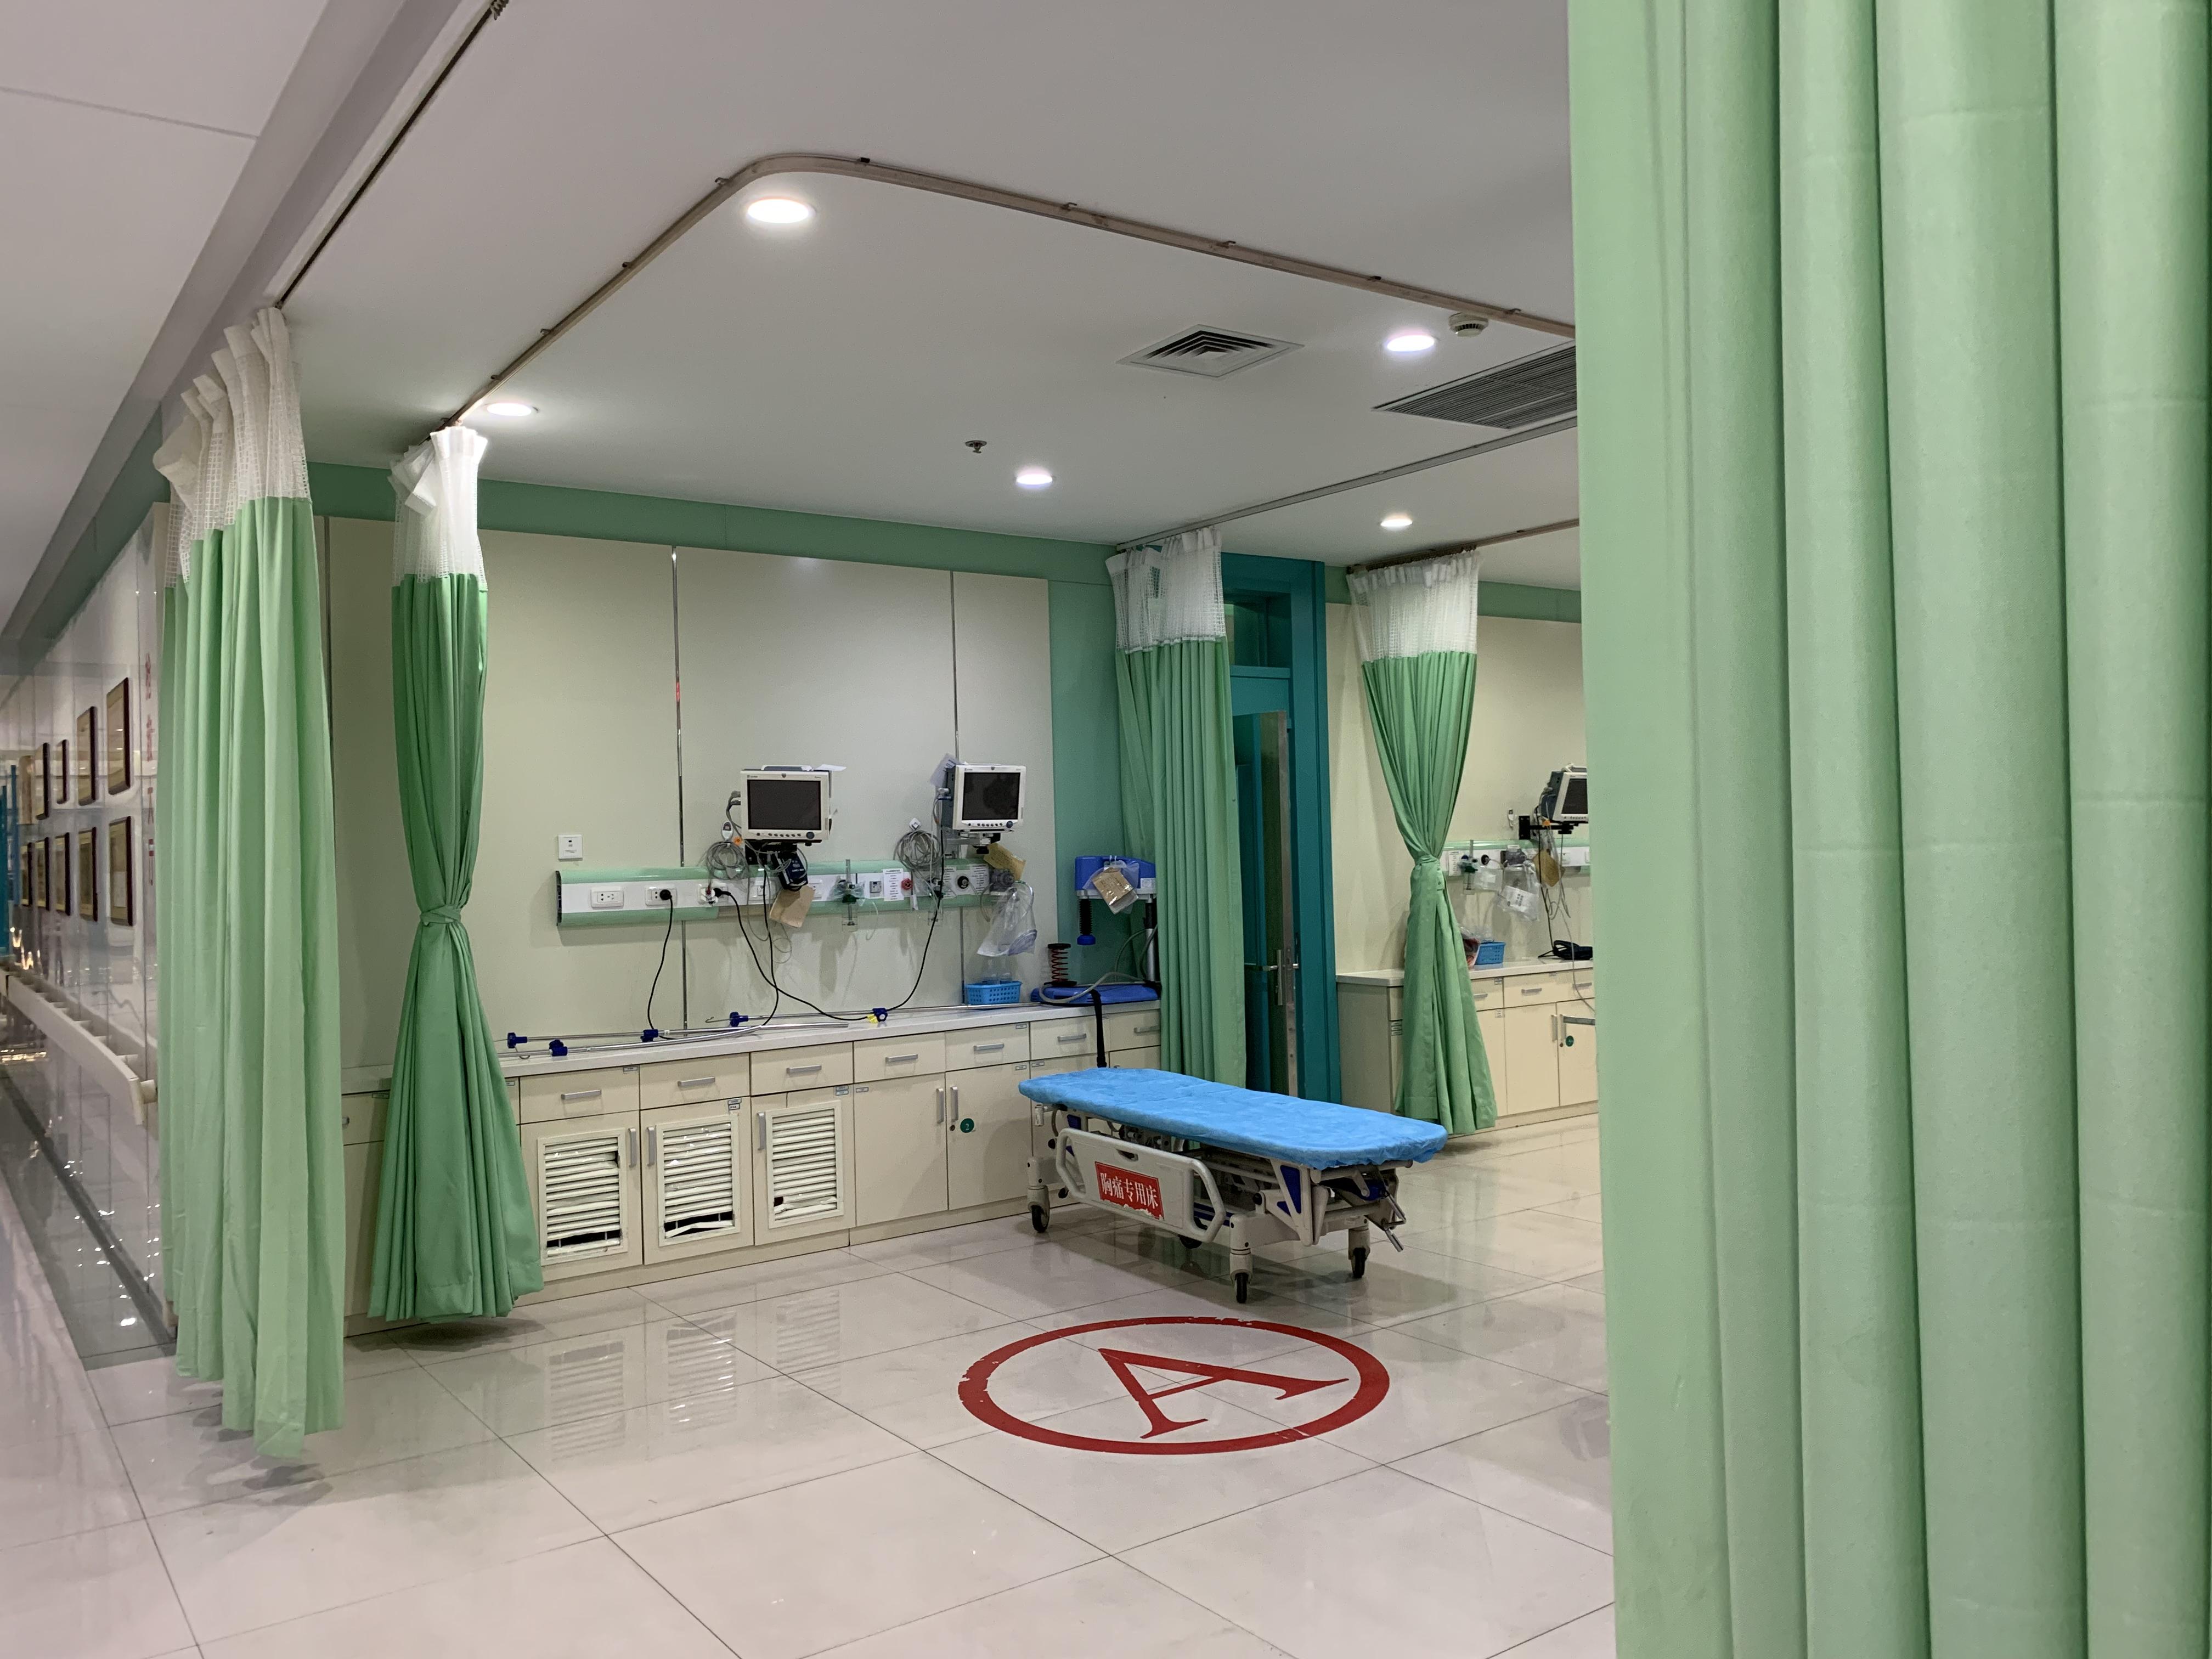 32岁女子在大连艺星医疗美容医院隆胸时心跳骤停去世_,丈夫:她那么漂亮,根本不需要整容!